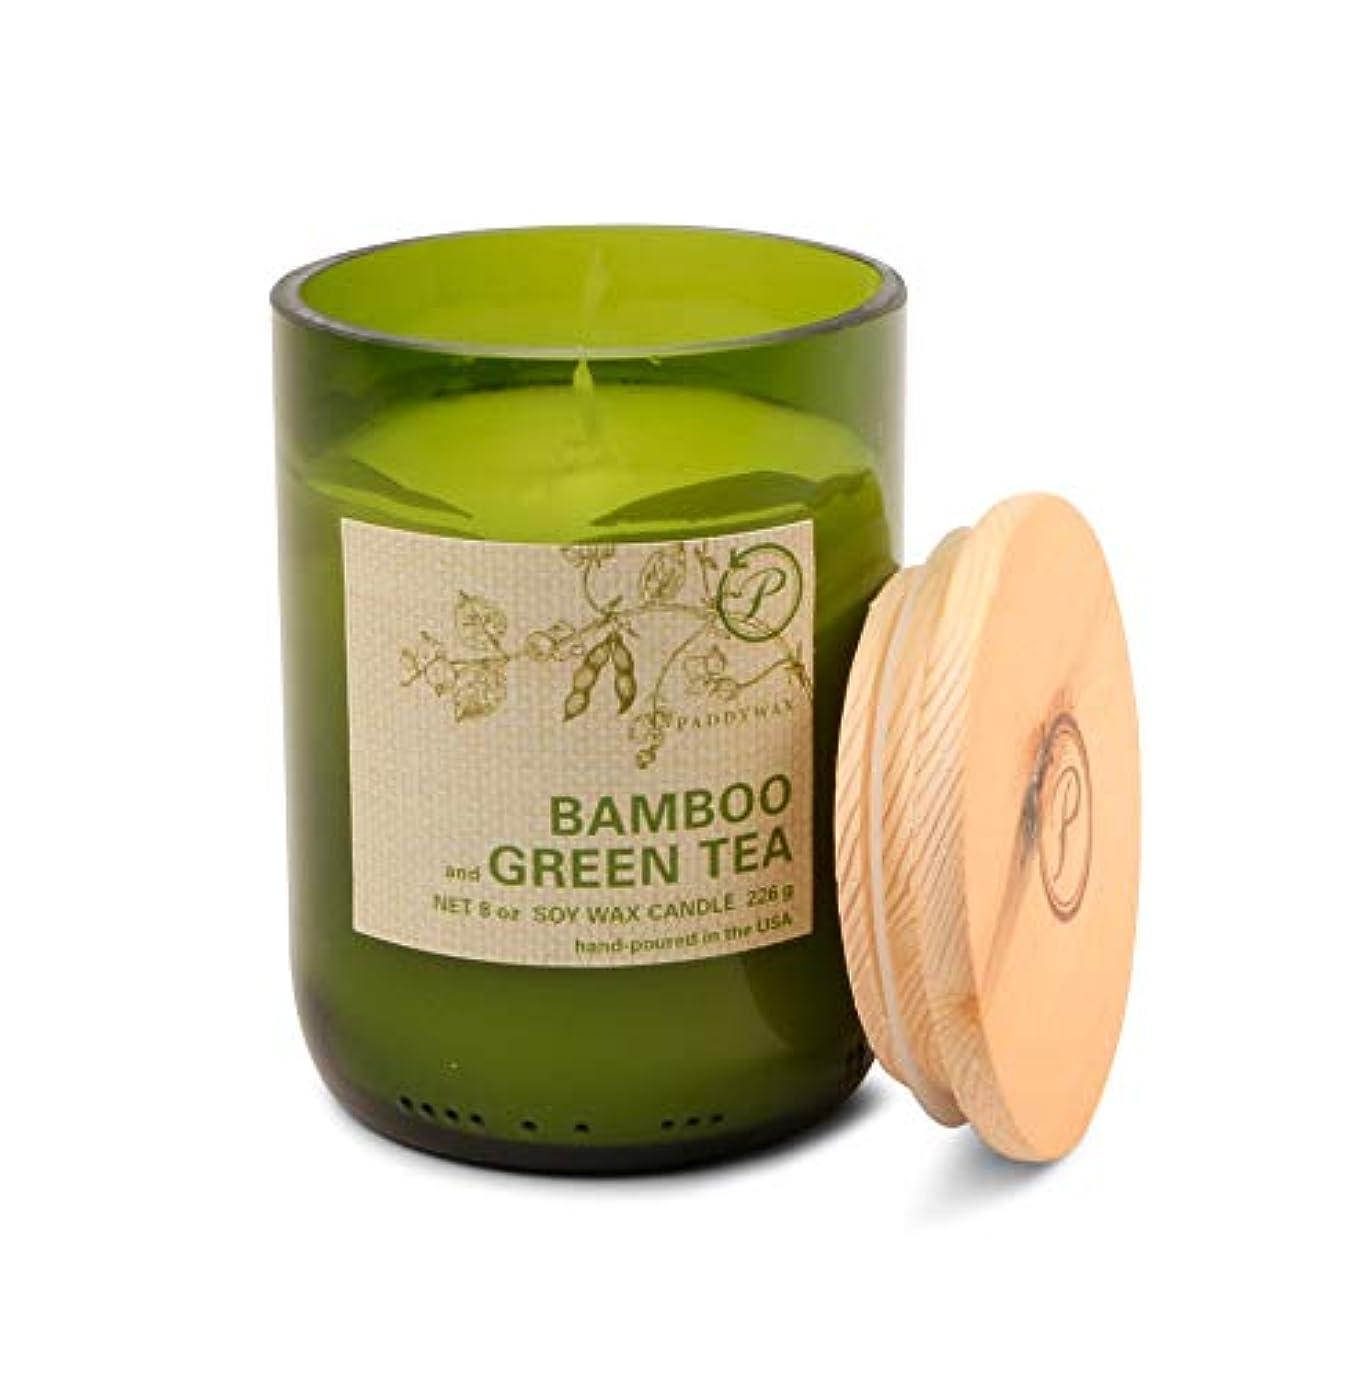 ライトニングシェルターコンパニオンパディワックス(PADDYWAX) エコ?グリーン キャンドル(ECO GREEN Candle) バンブー & グリーンティー(BAMBOO and GREEN TEA)